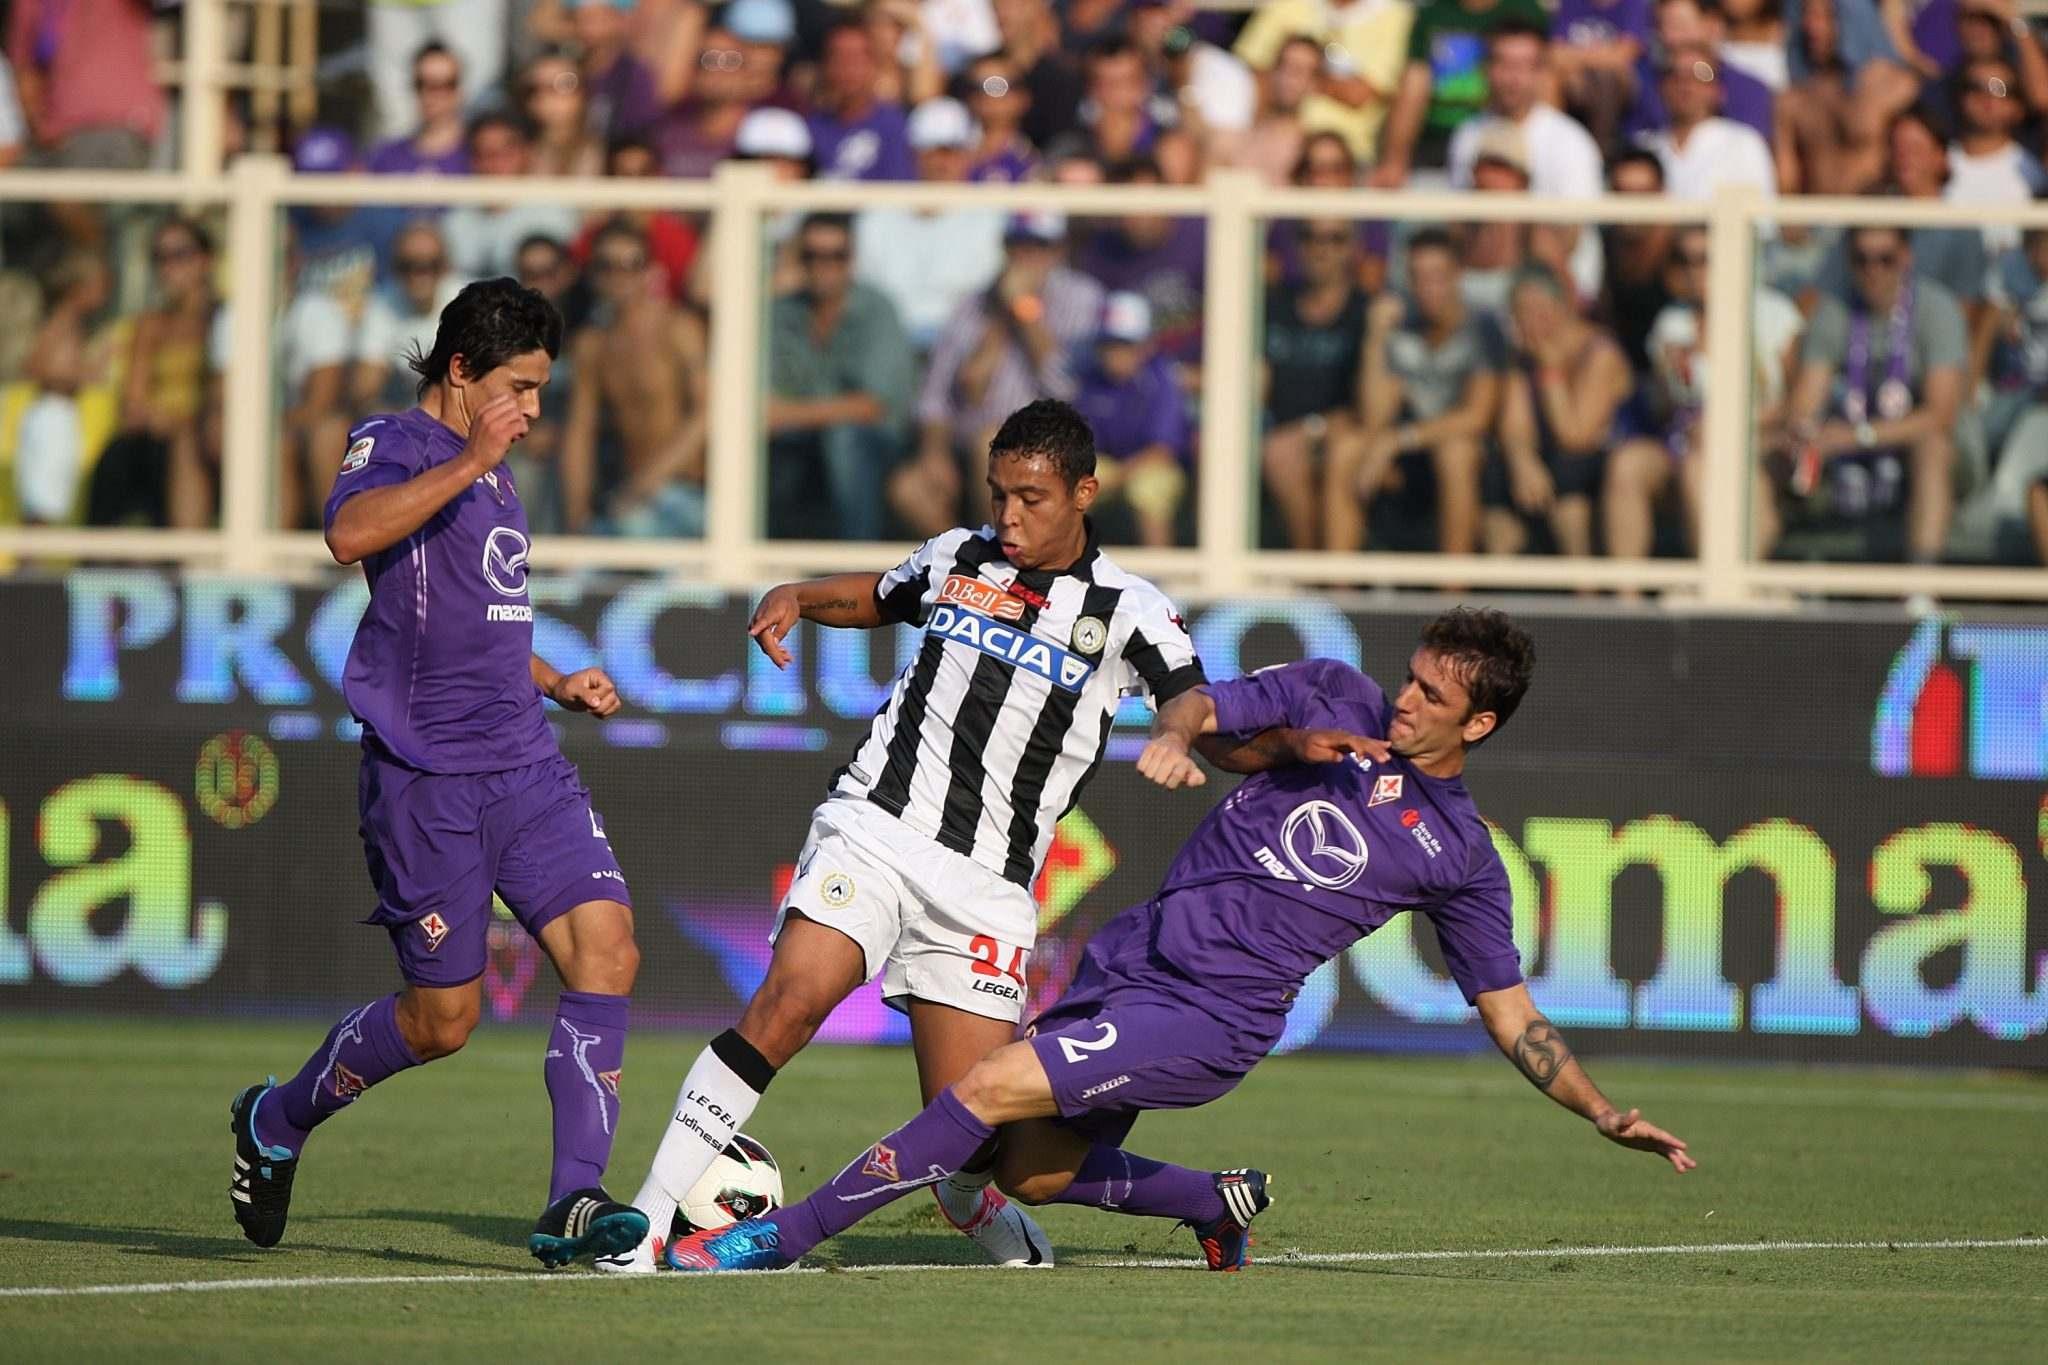 Prediksi Skor Fiorentina Vs Udinese 12 Februari 2017